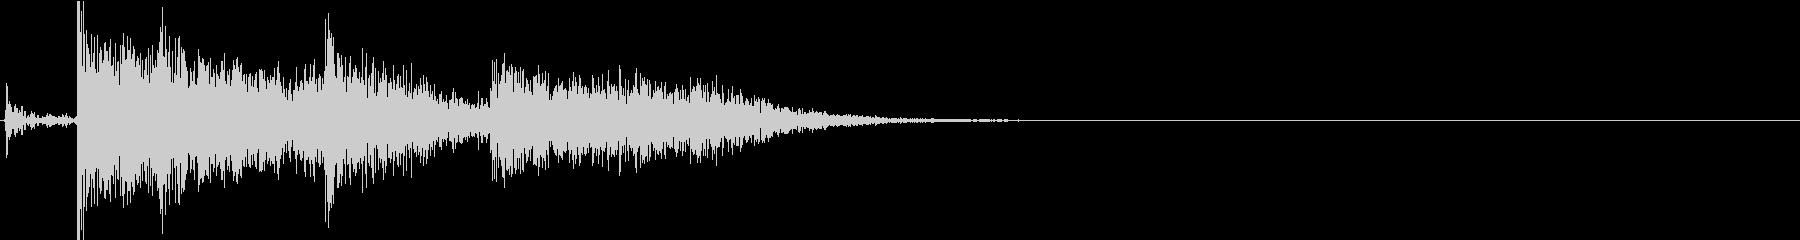 【生録音】刀系武器 アクションSE 1の未再生の波形